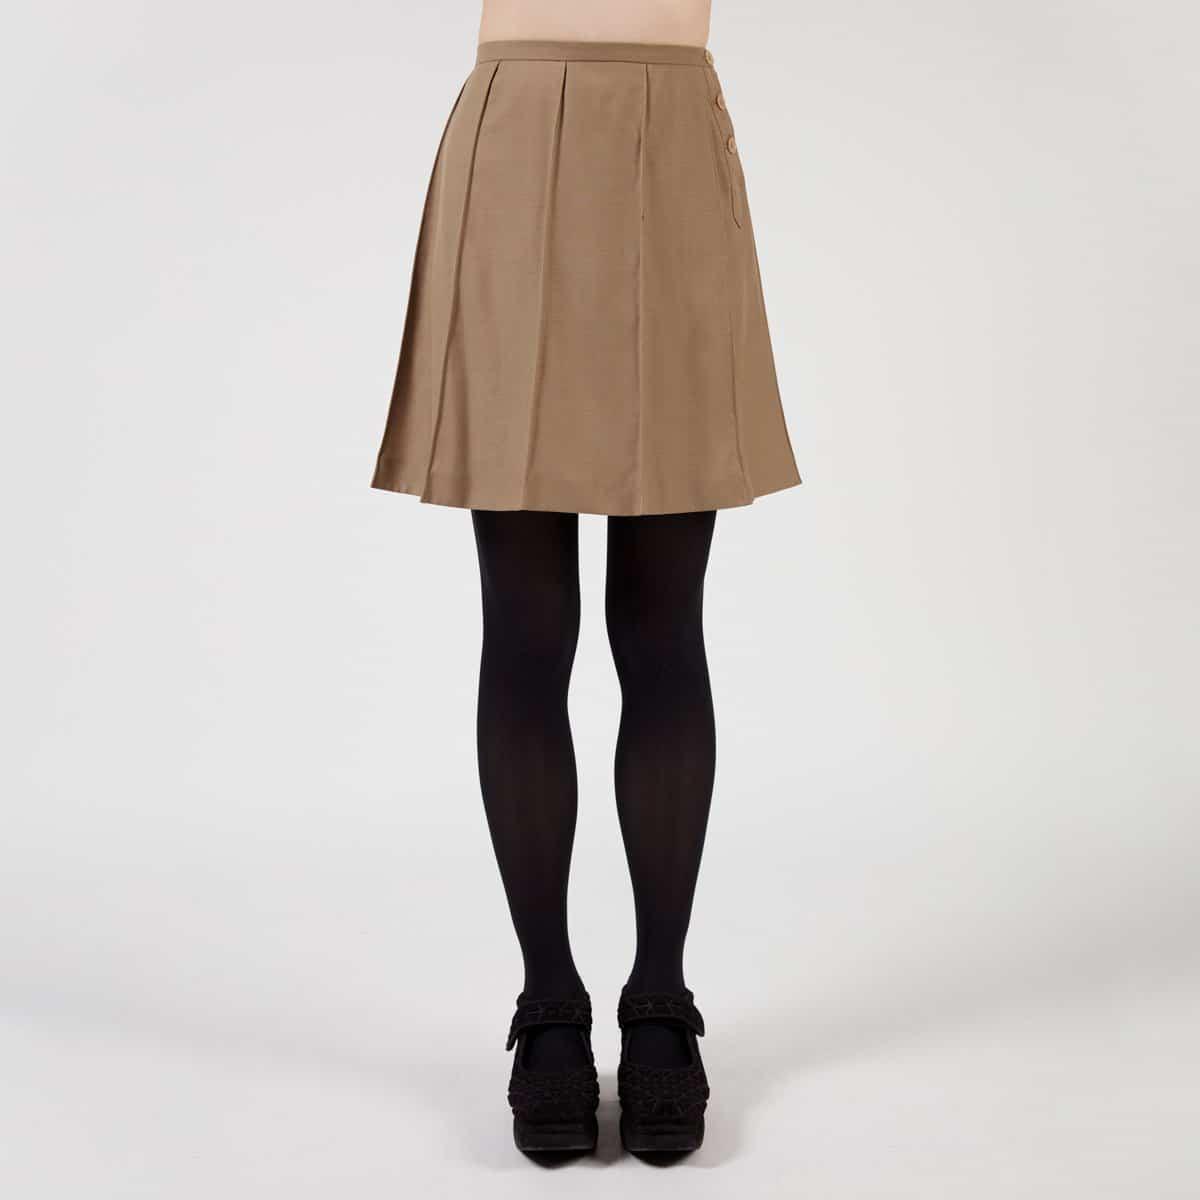 J.Kim Wedge Skirt